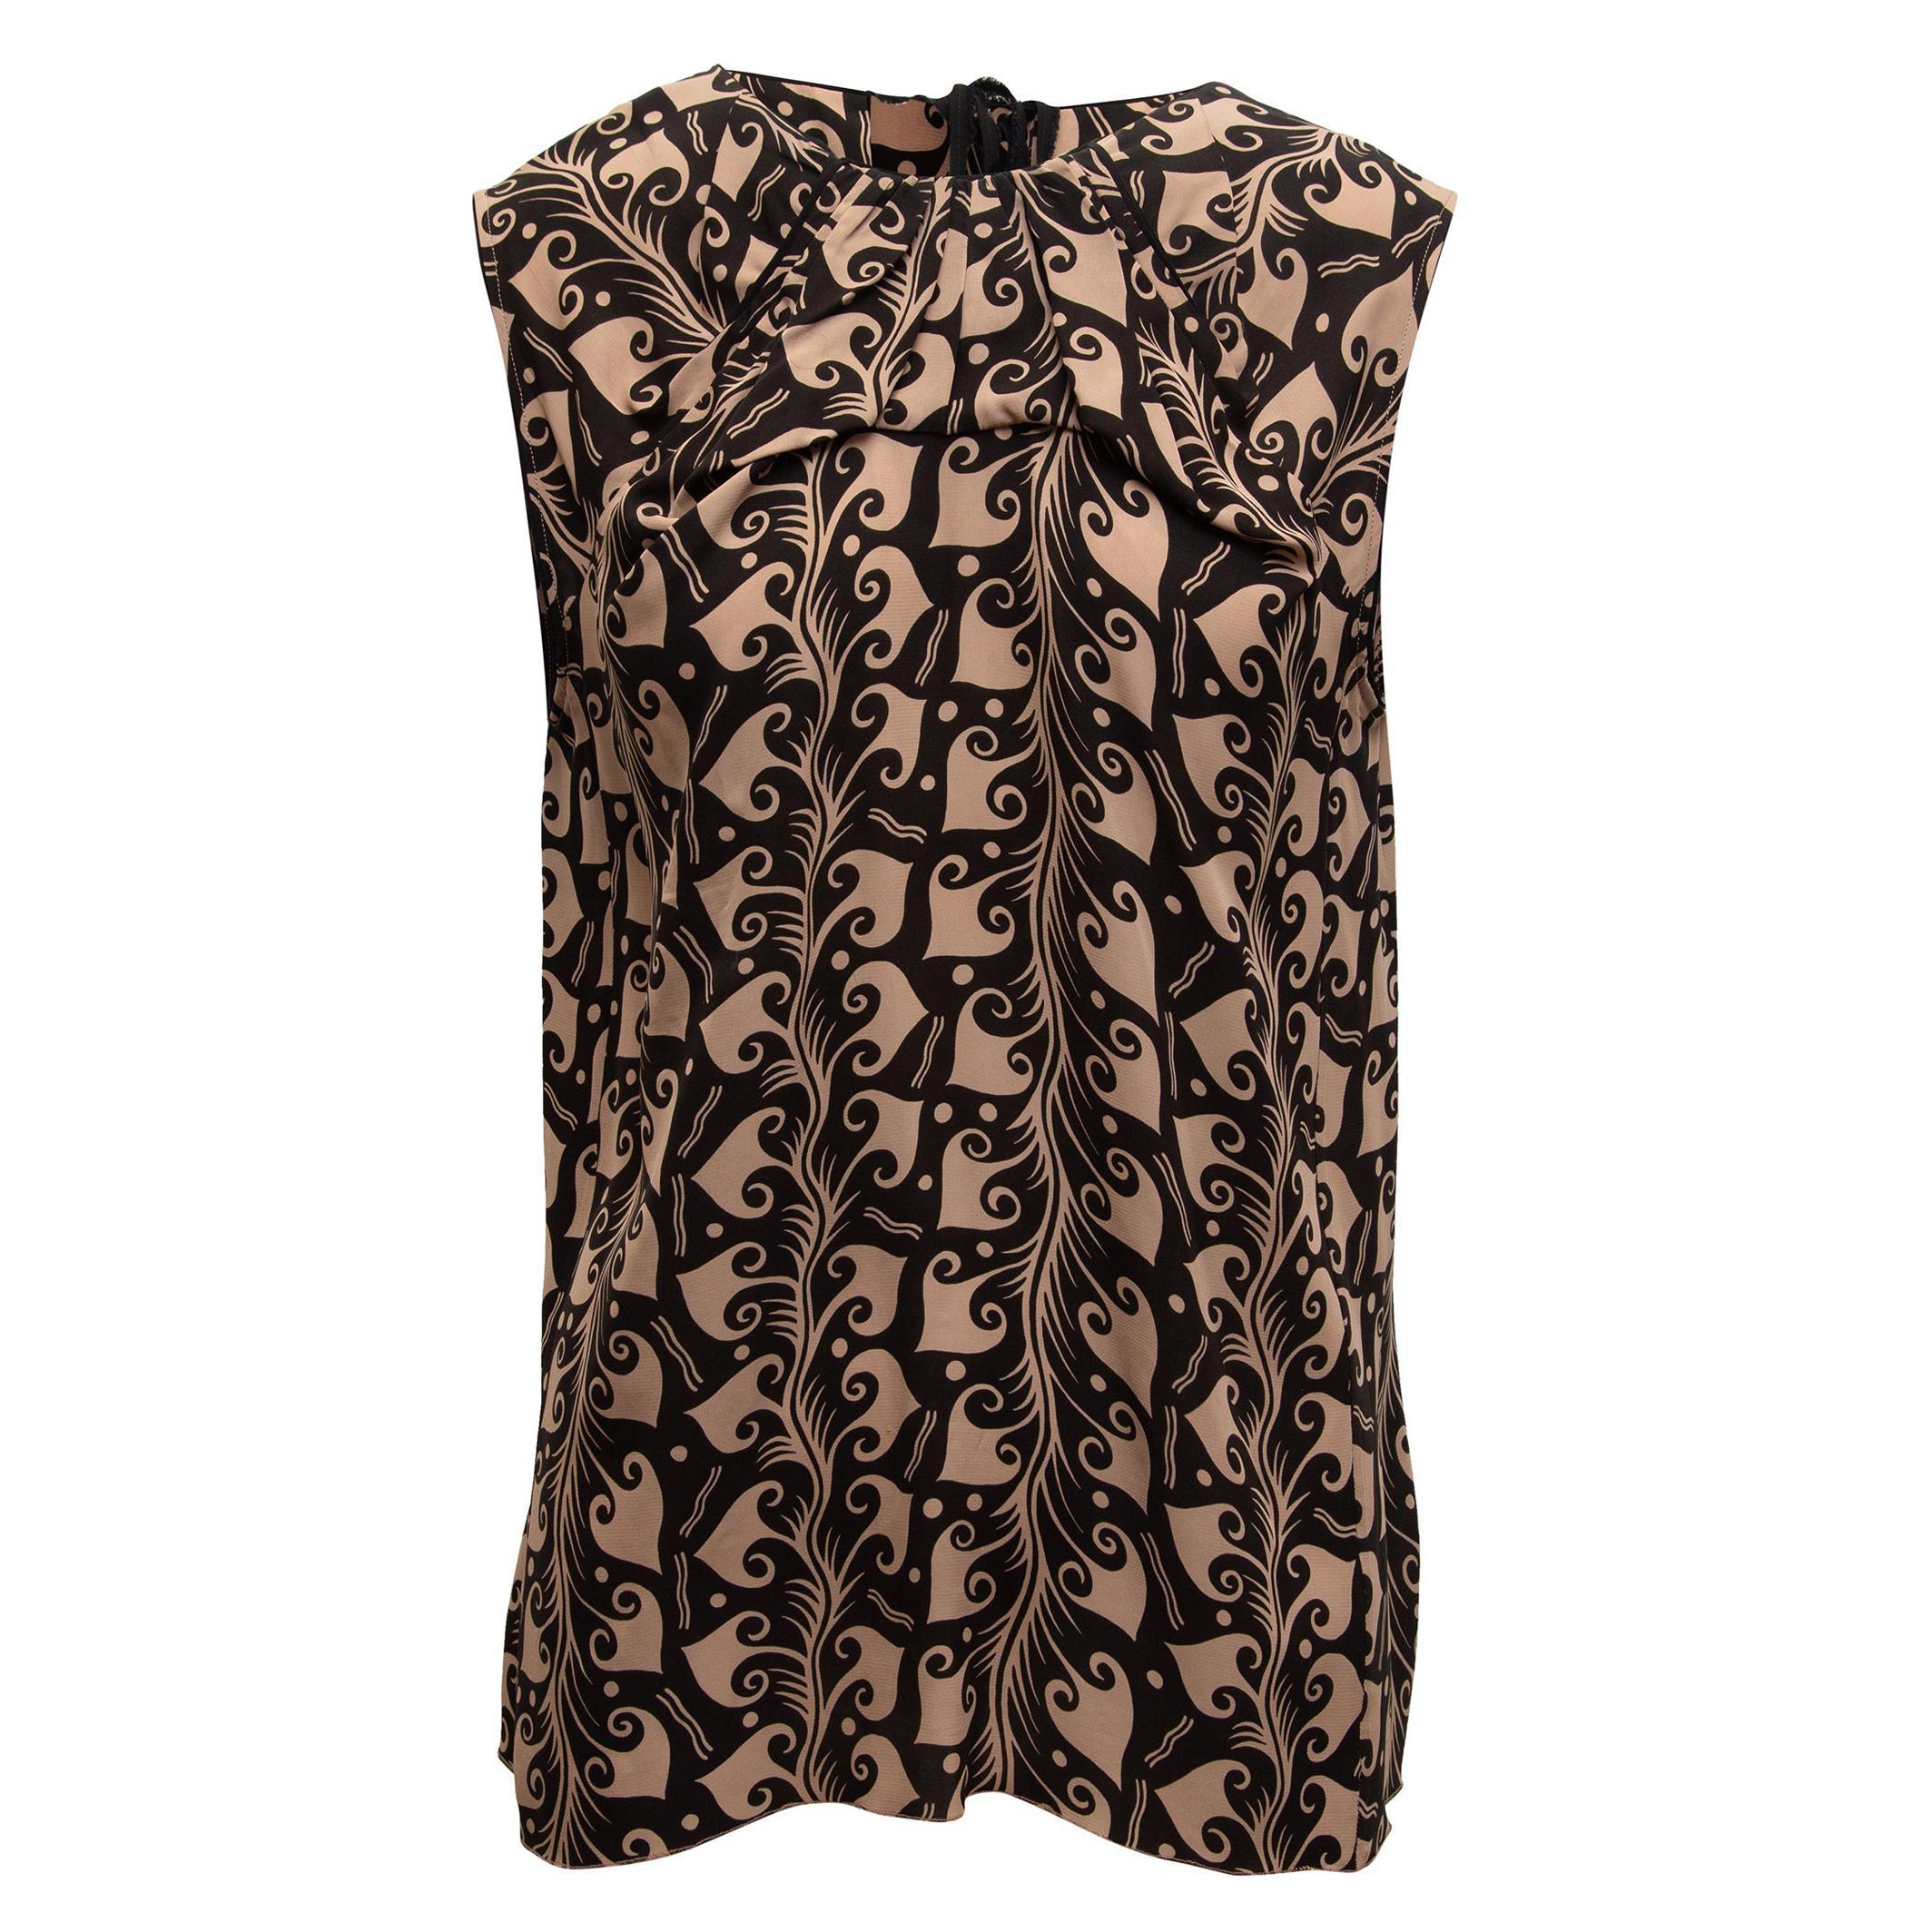 Marni Tan & Black Swirl Print Sleeveless Top